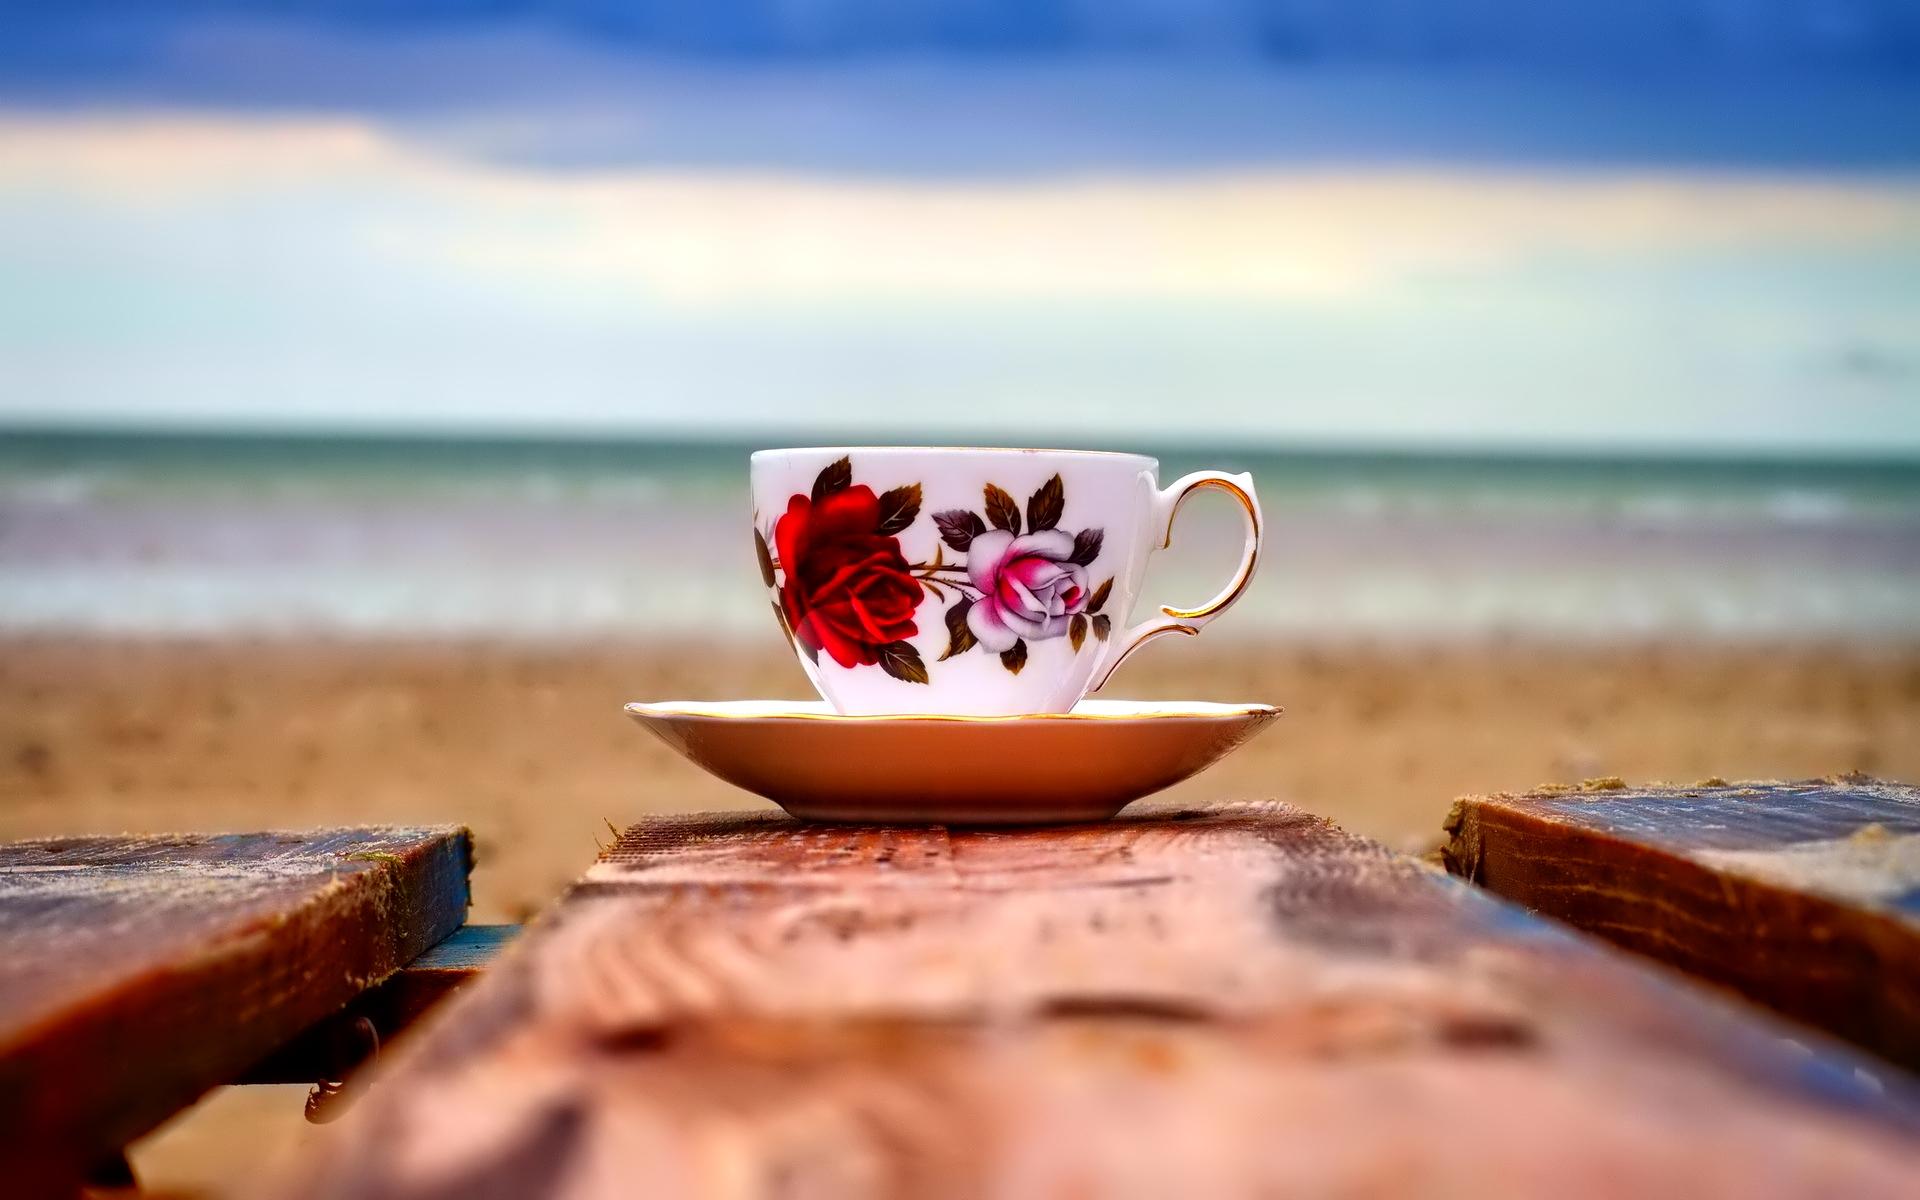 Гайана, Коста-Рика,  Бразилия, кофе в Америке, Суринам, де Клие, распространение кофе, кофе в Новом свете, история кофе, происхождение кофе, кофе, кофейня, кофейный дом, Coffee, coffeetrees, история кофе, рождение традиций, кофейные зерна, ароматный напиток, бодрящий, тонизирующий, Ближний Восток, Турция, Европа, Голландия, Англия, Франция